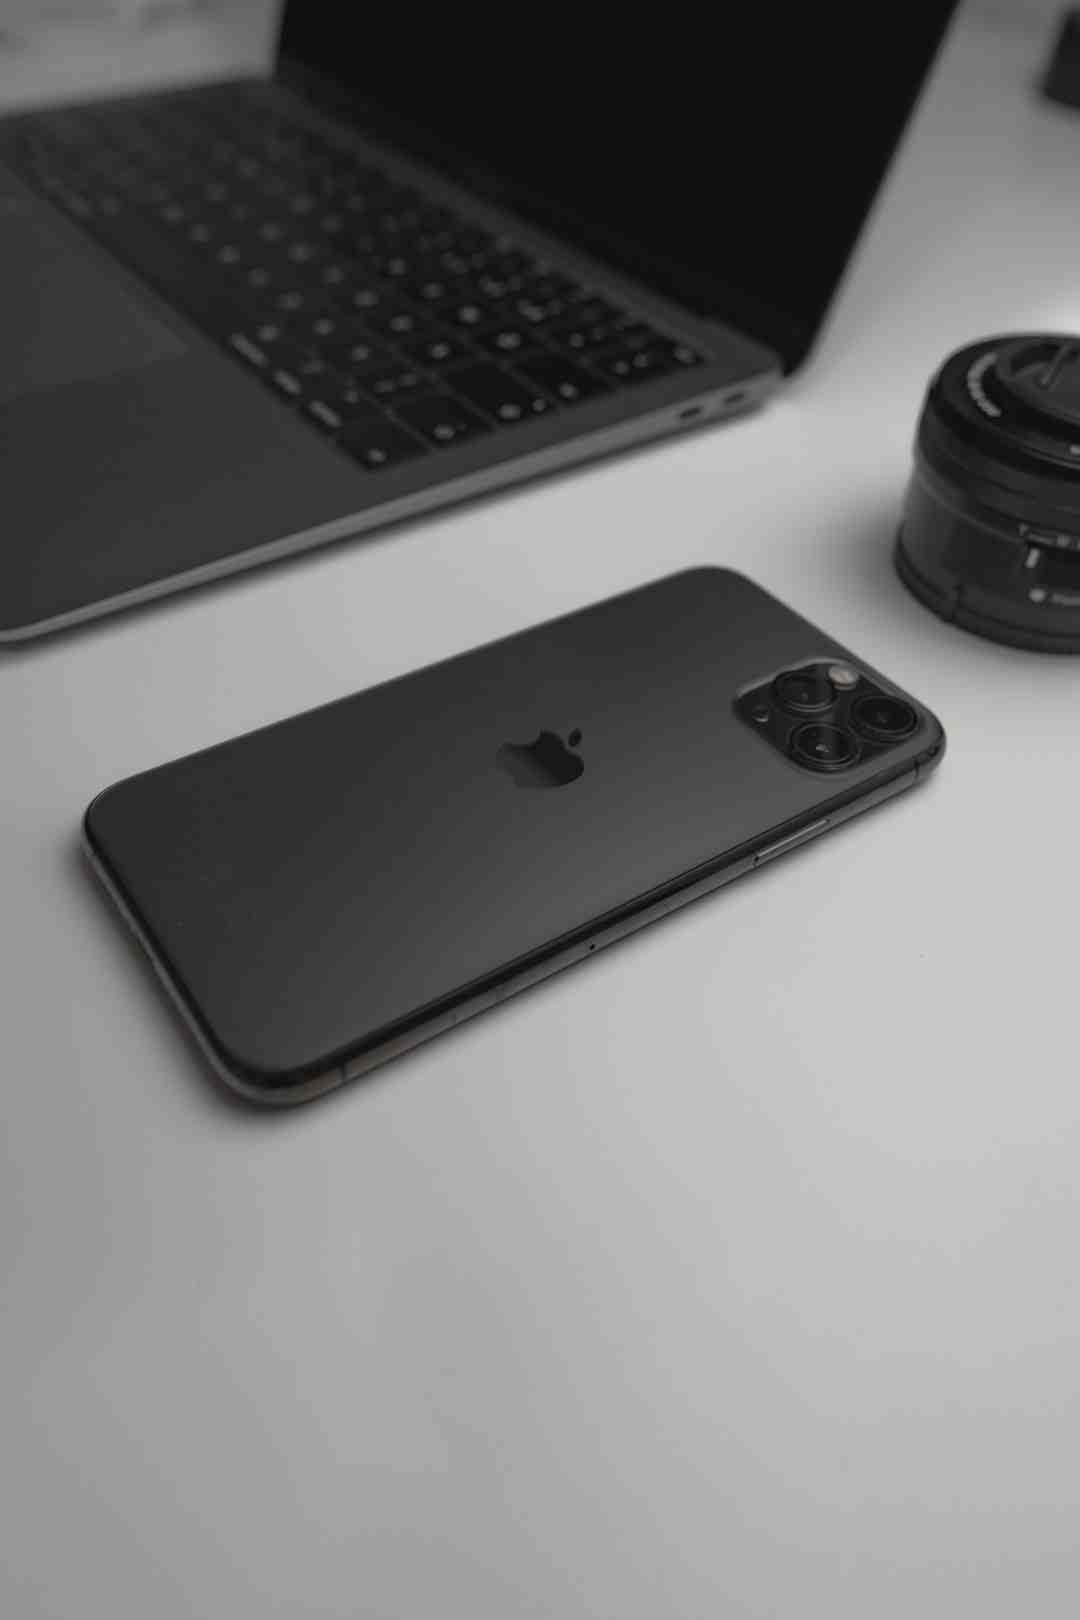 Comment transférer des photos d'un ordinateur vers un iPhone?